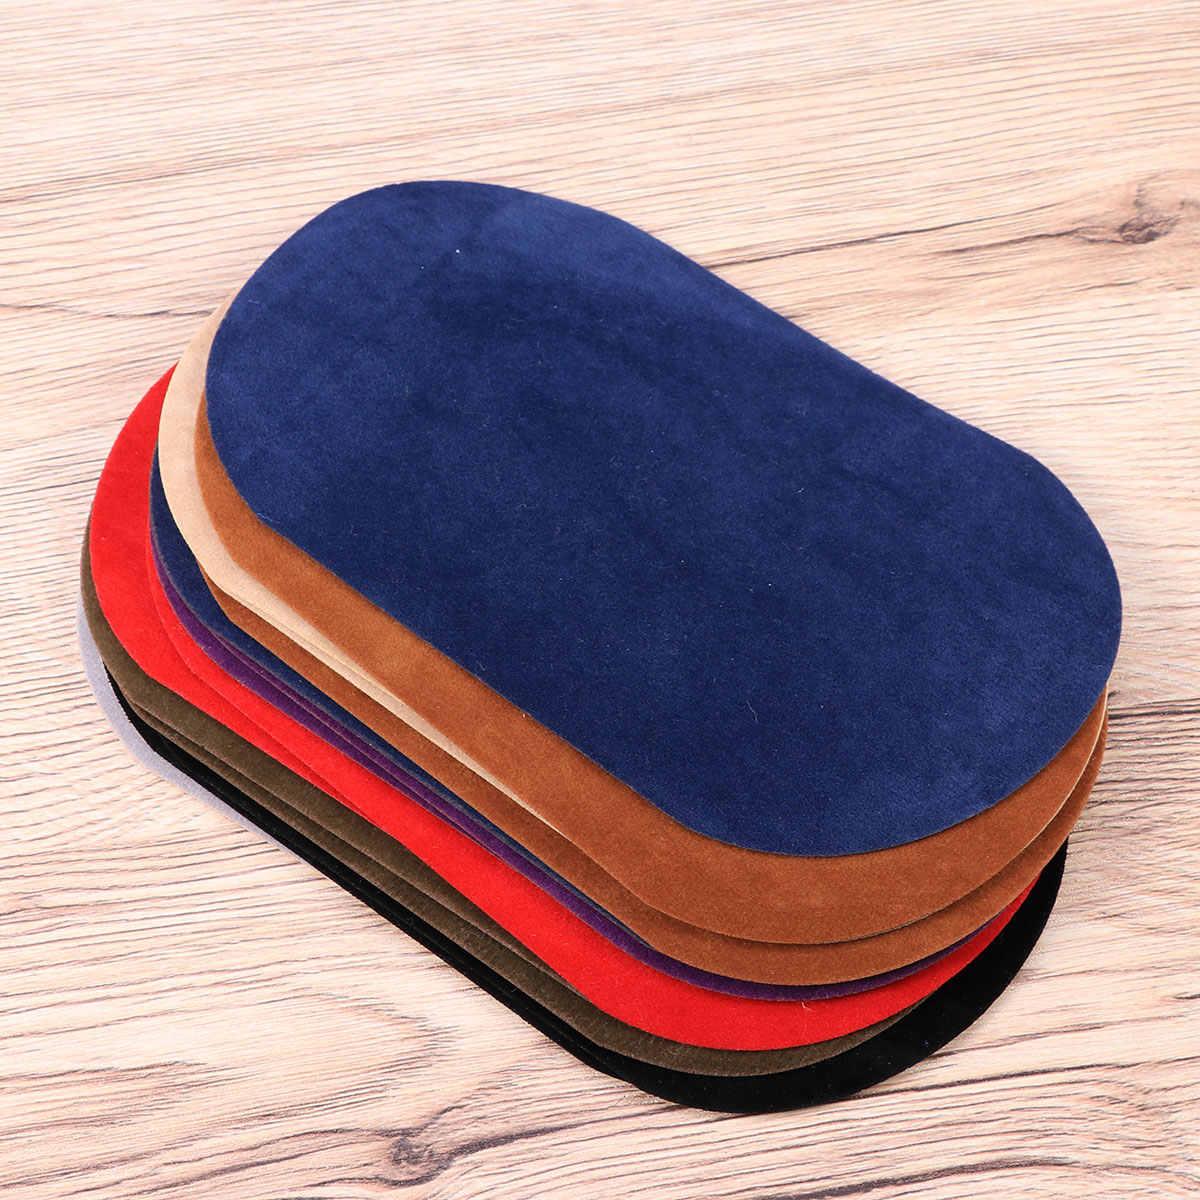 16 шт. железные заплатки Джинсы Свитера рубашка колено локти заплатка DIY ремонт аппликация для брюки шарф одежда кронштейн